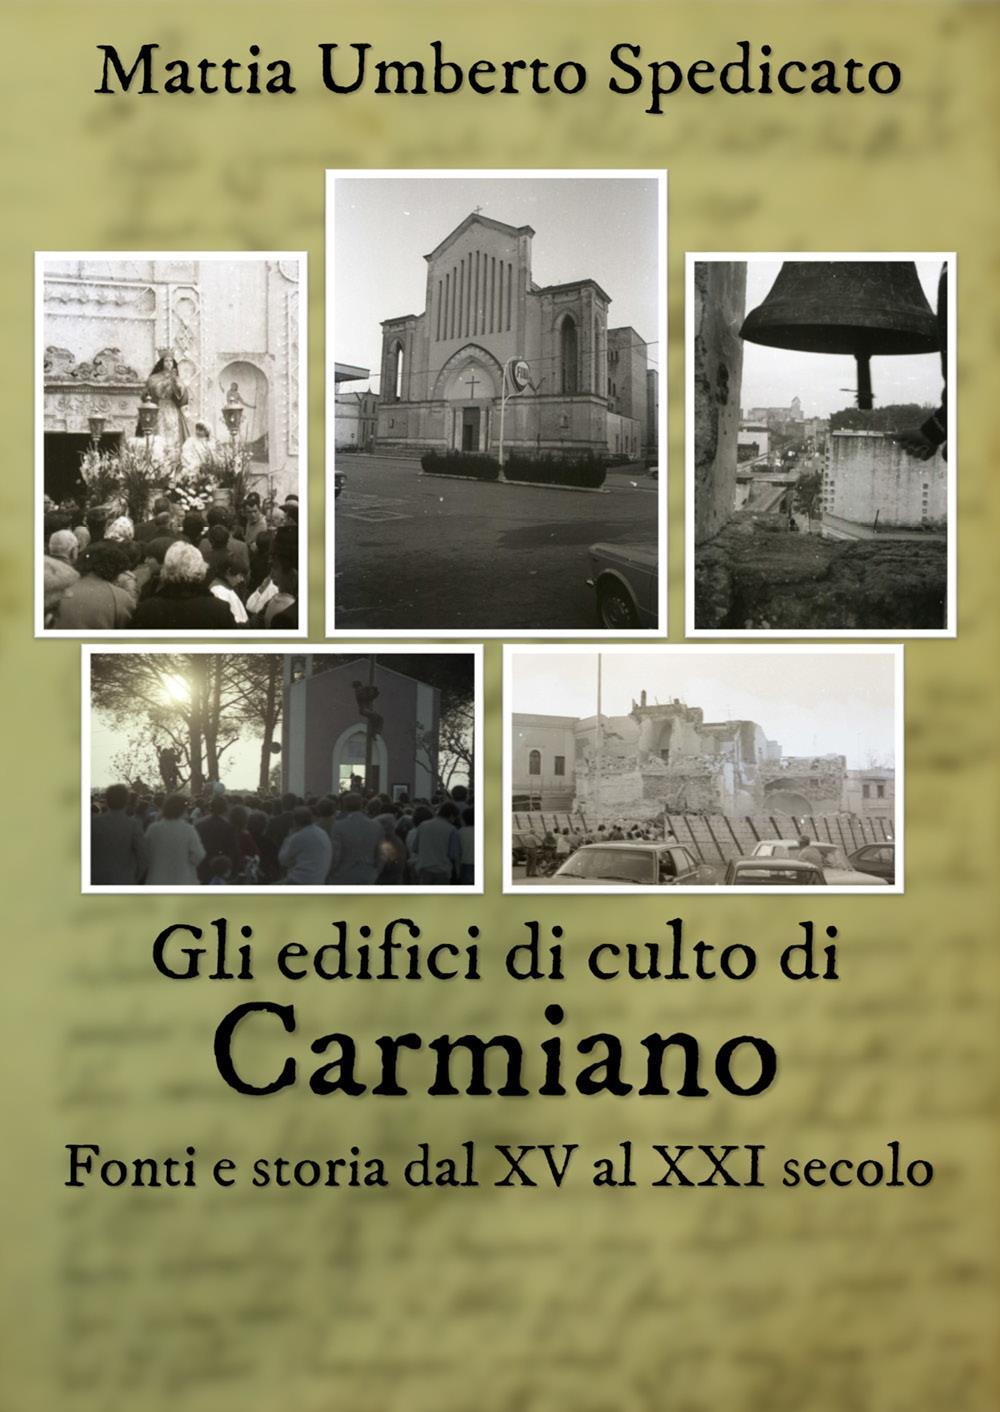 Gli edifici di culto di Carmiano. Fonti e storia dal XV al XXI secolo